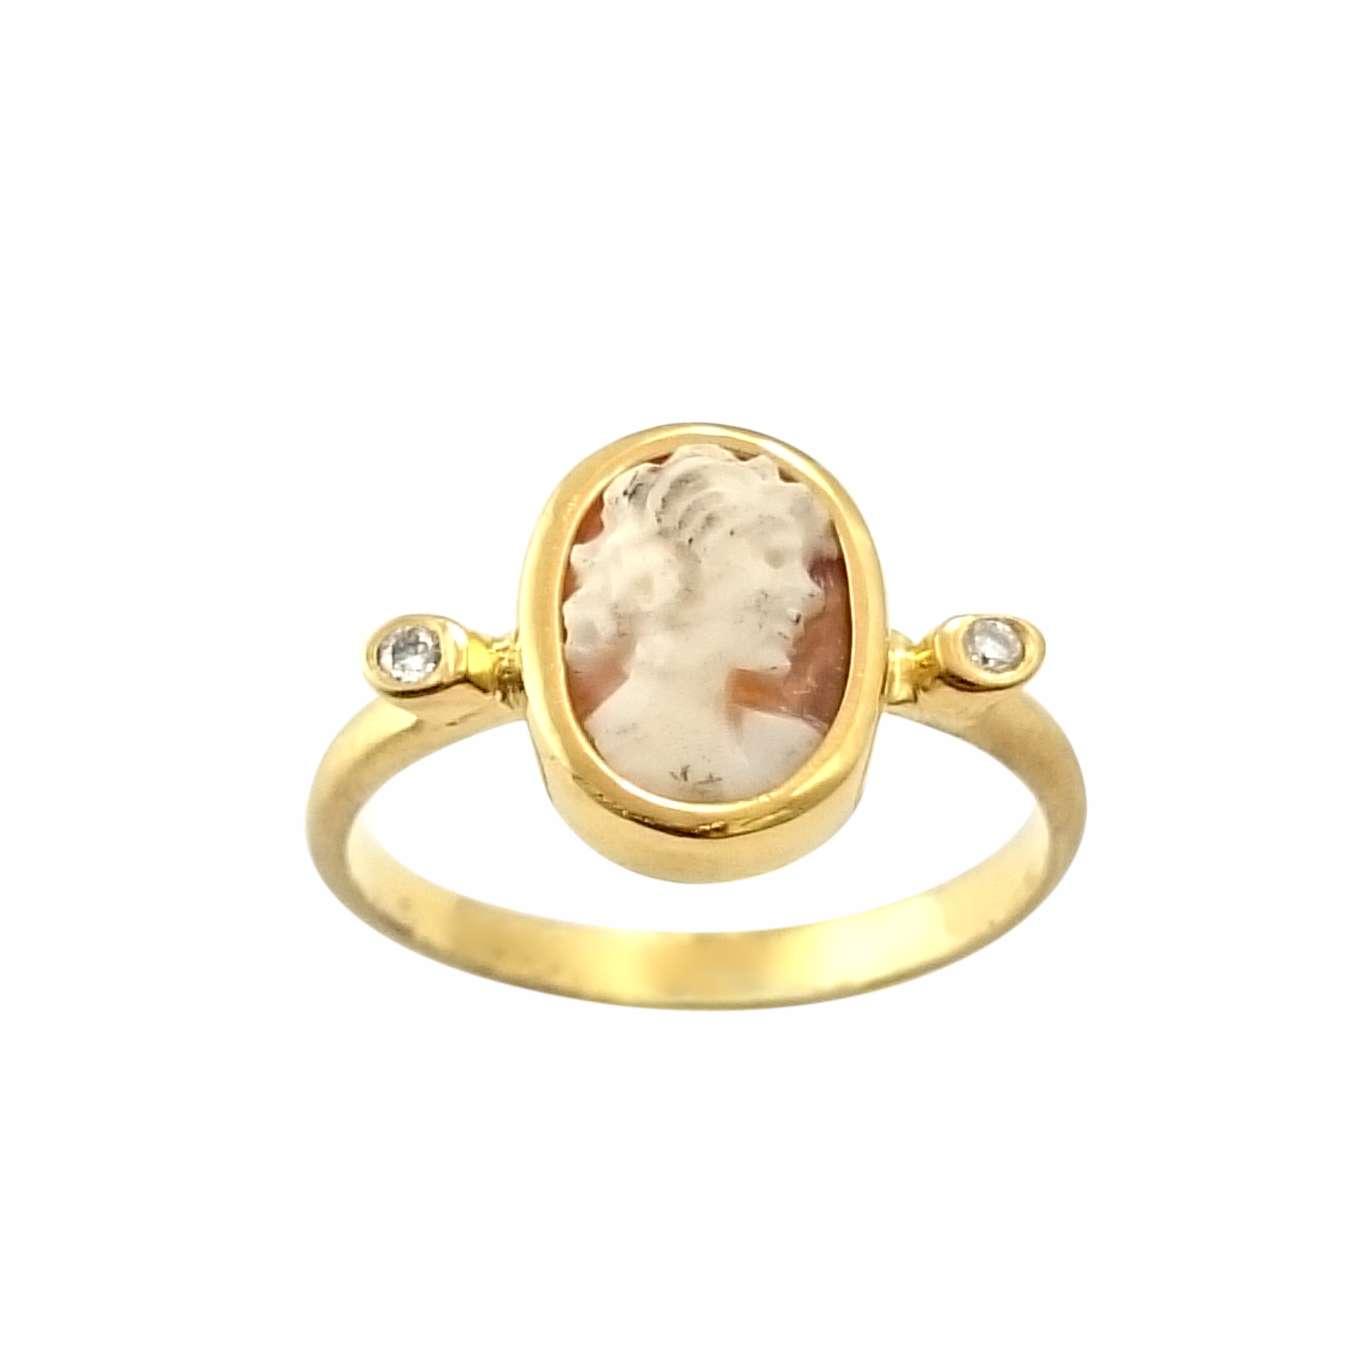 Δαχτυλίδι K14 Χρυσό Με Ιταλικό Καμέο Και Μπριγιάν 0.03ct ΔΟ10930